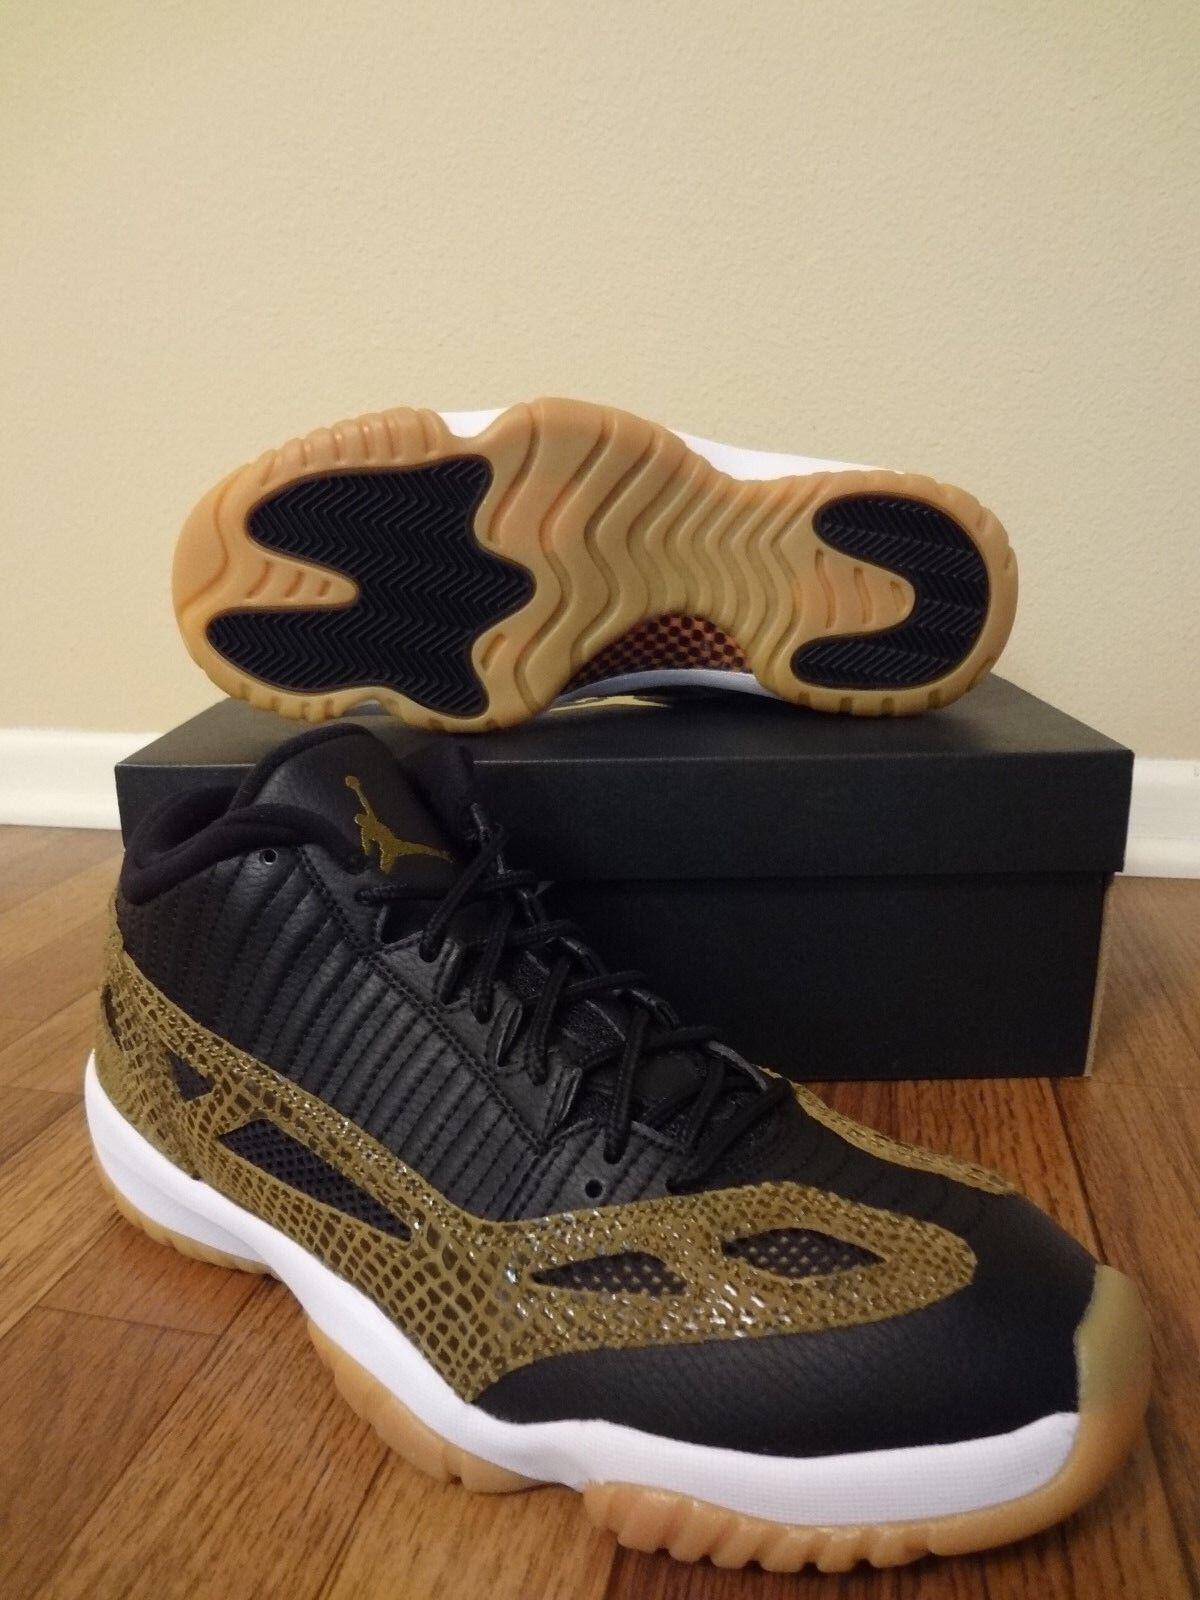 Nike air jordan xi xi jordan 11 retro - geringe größe 11 schwarzen miliz